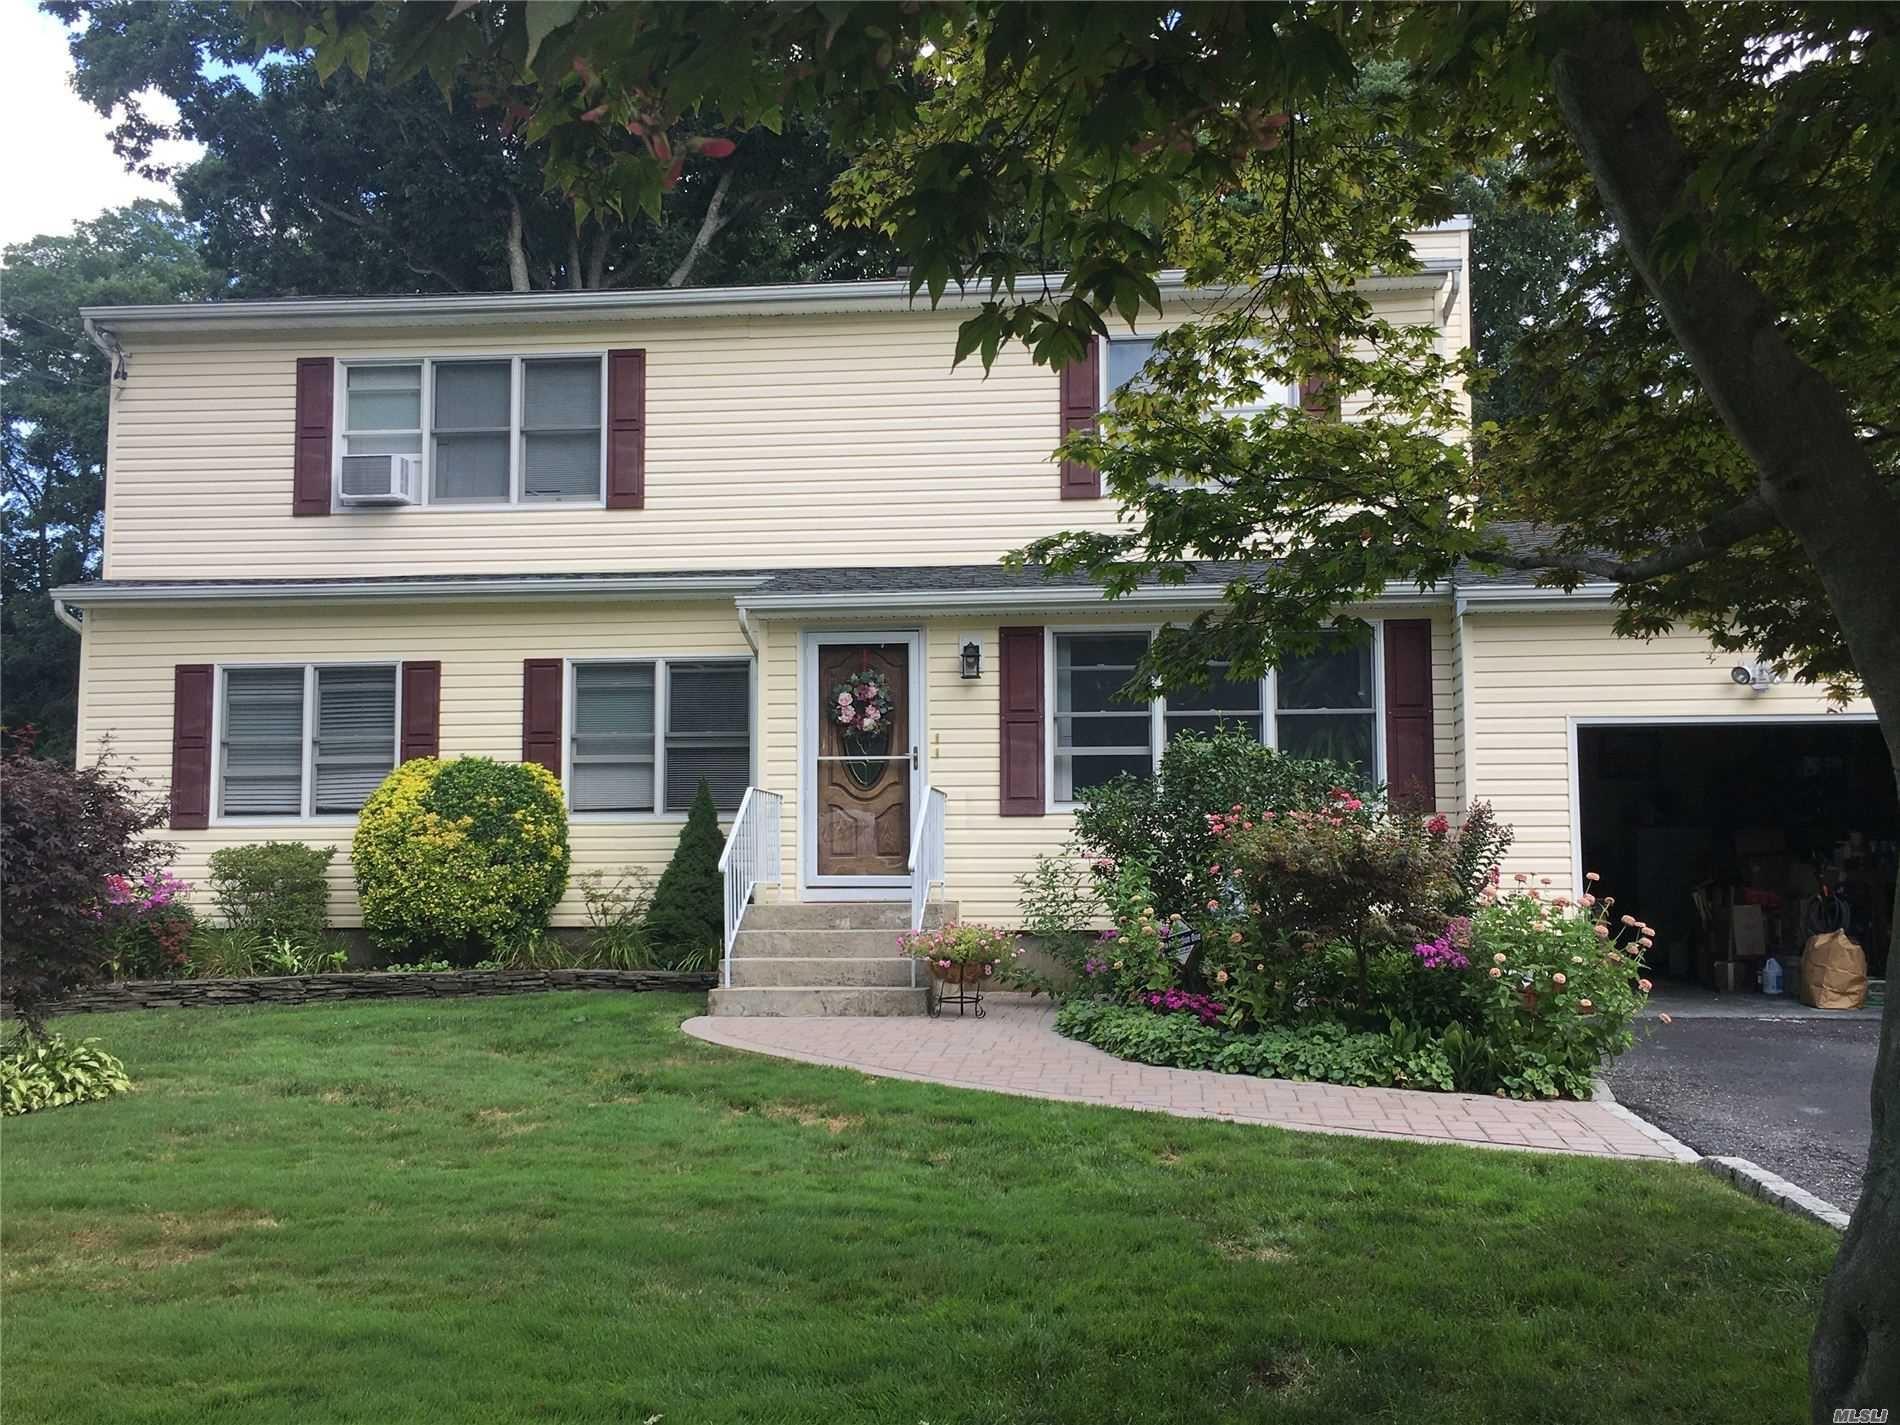 39 Hopes Avenue, Holtsville, NY 11742 - MLS#: 3246899